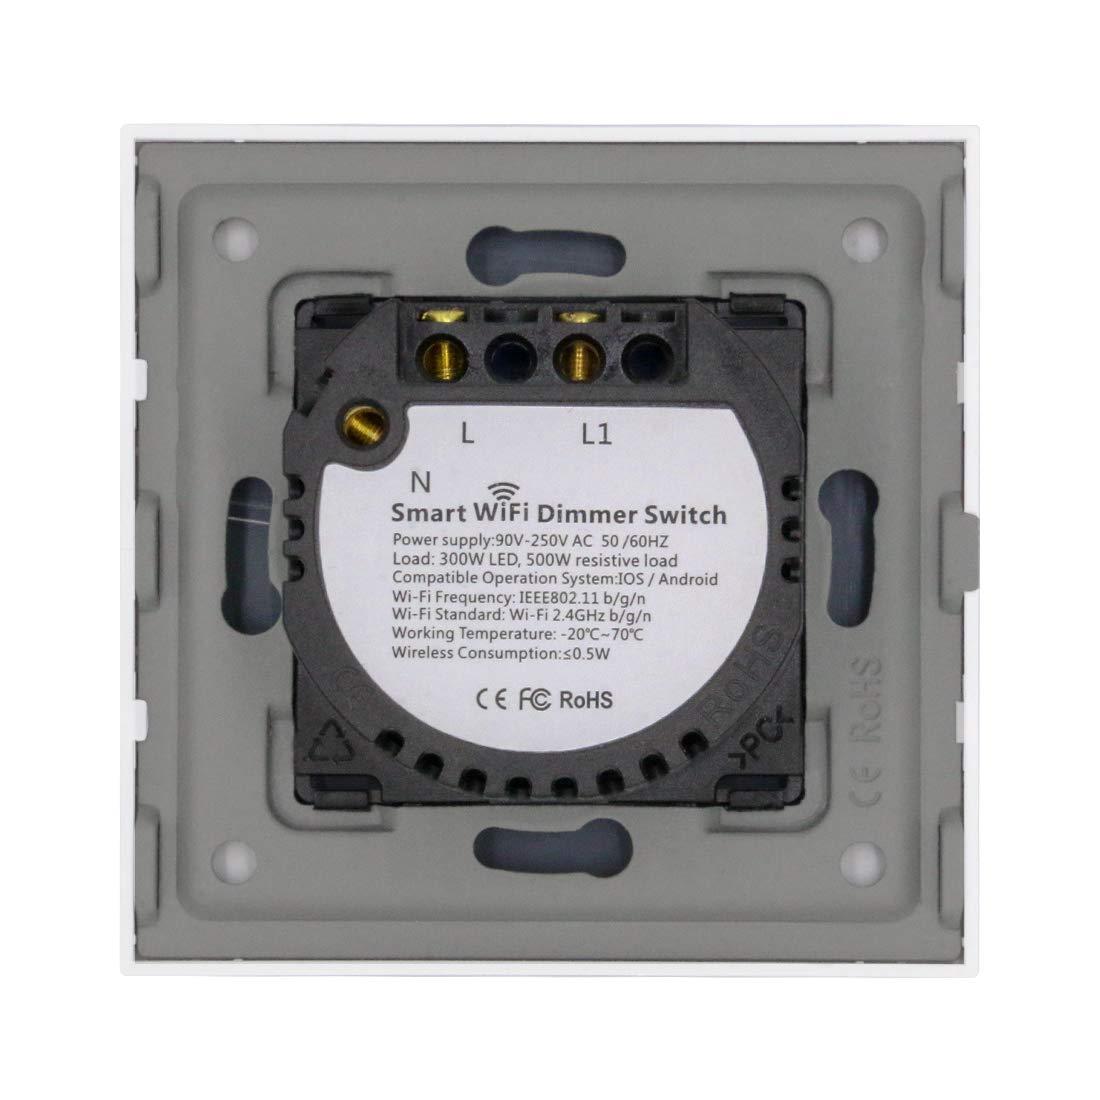 BSEED 300W Smart WIFI Dimmer Interruptor táctil LED Compitable 2.4GHz de luz de pared (se necesita línea neutral) 1 Gang 1 Via Gris: Amazon.es: Bricolaje y herramientas